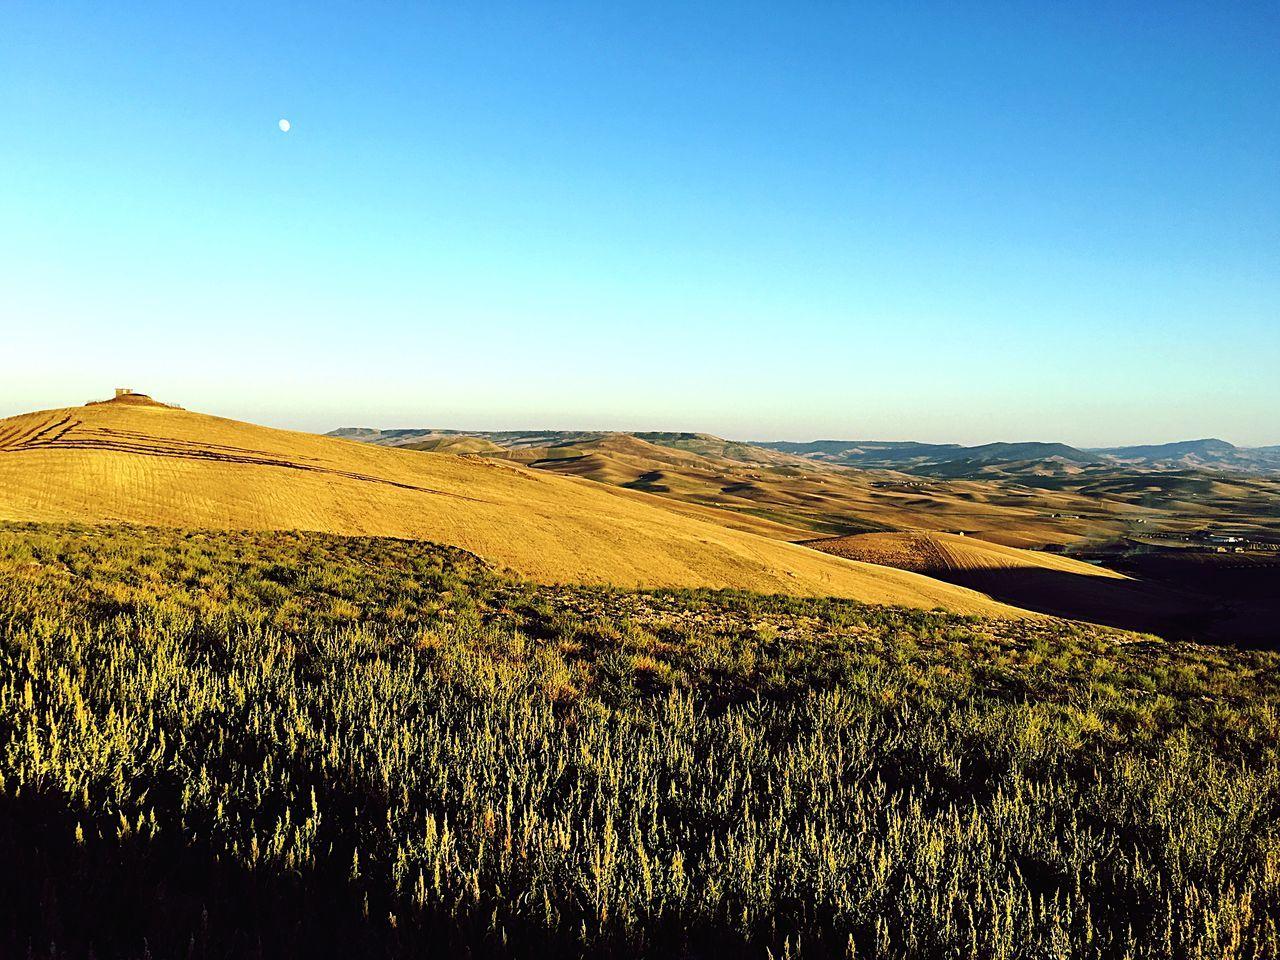 Italy Southitaly Basilicata Countryside Landscape Scenics Moon Sunset